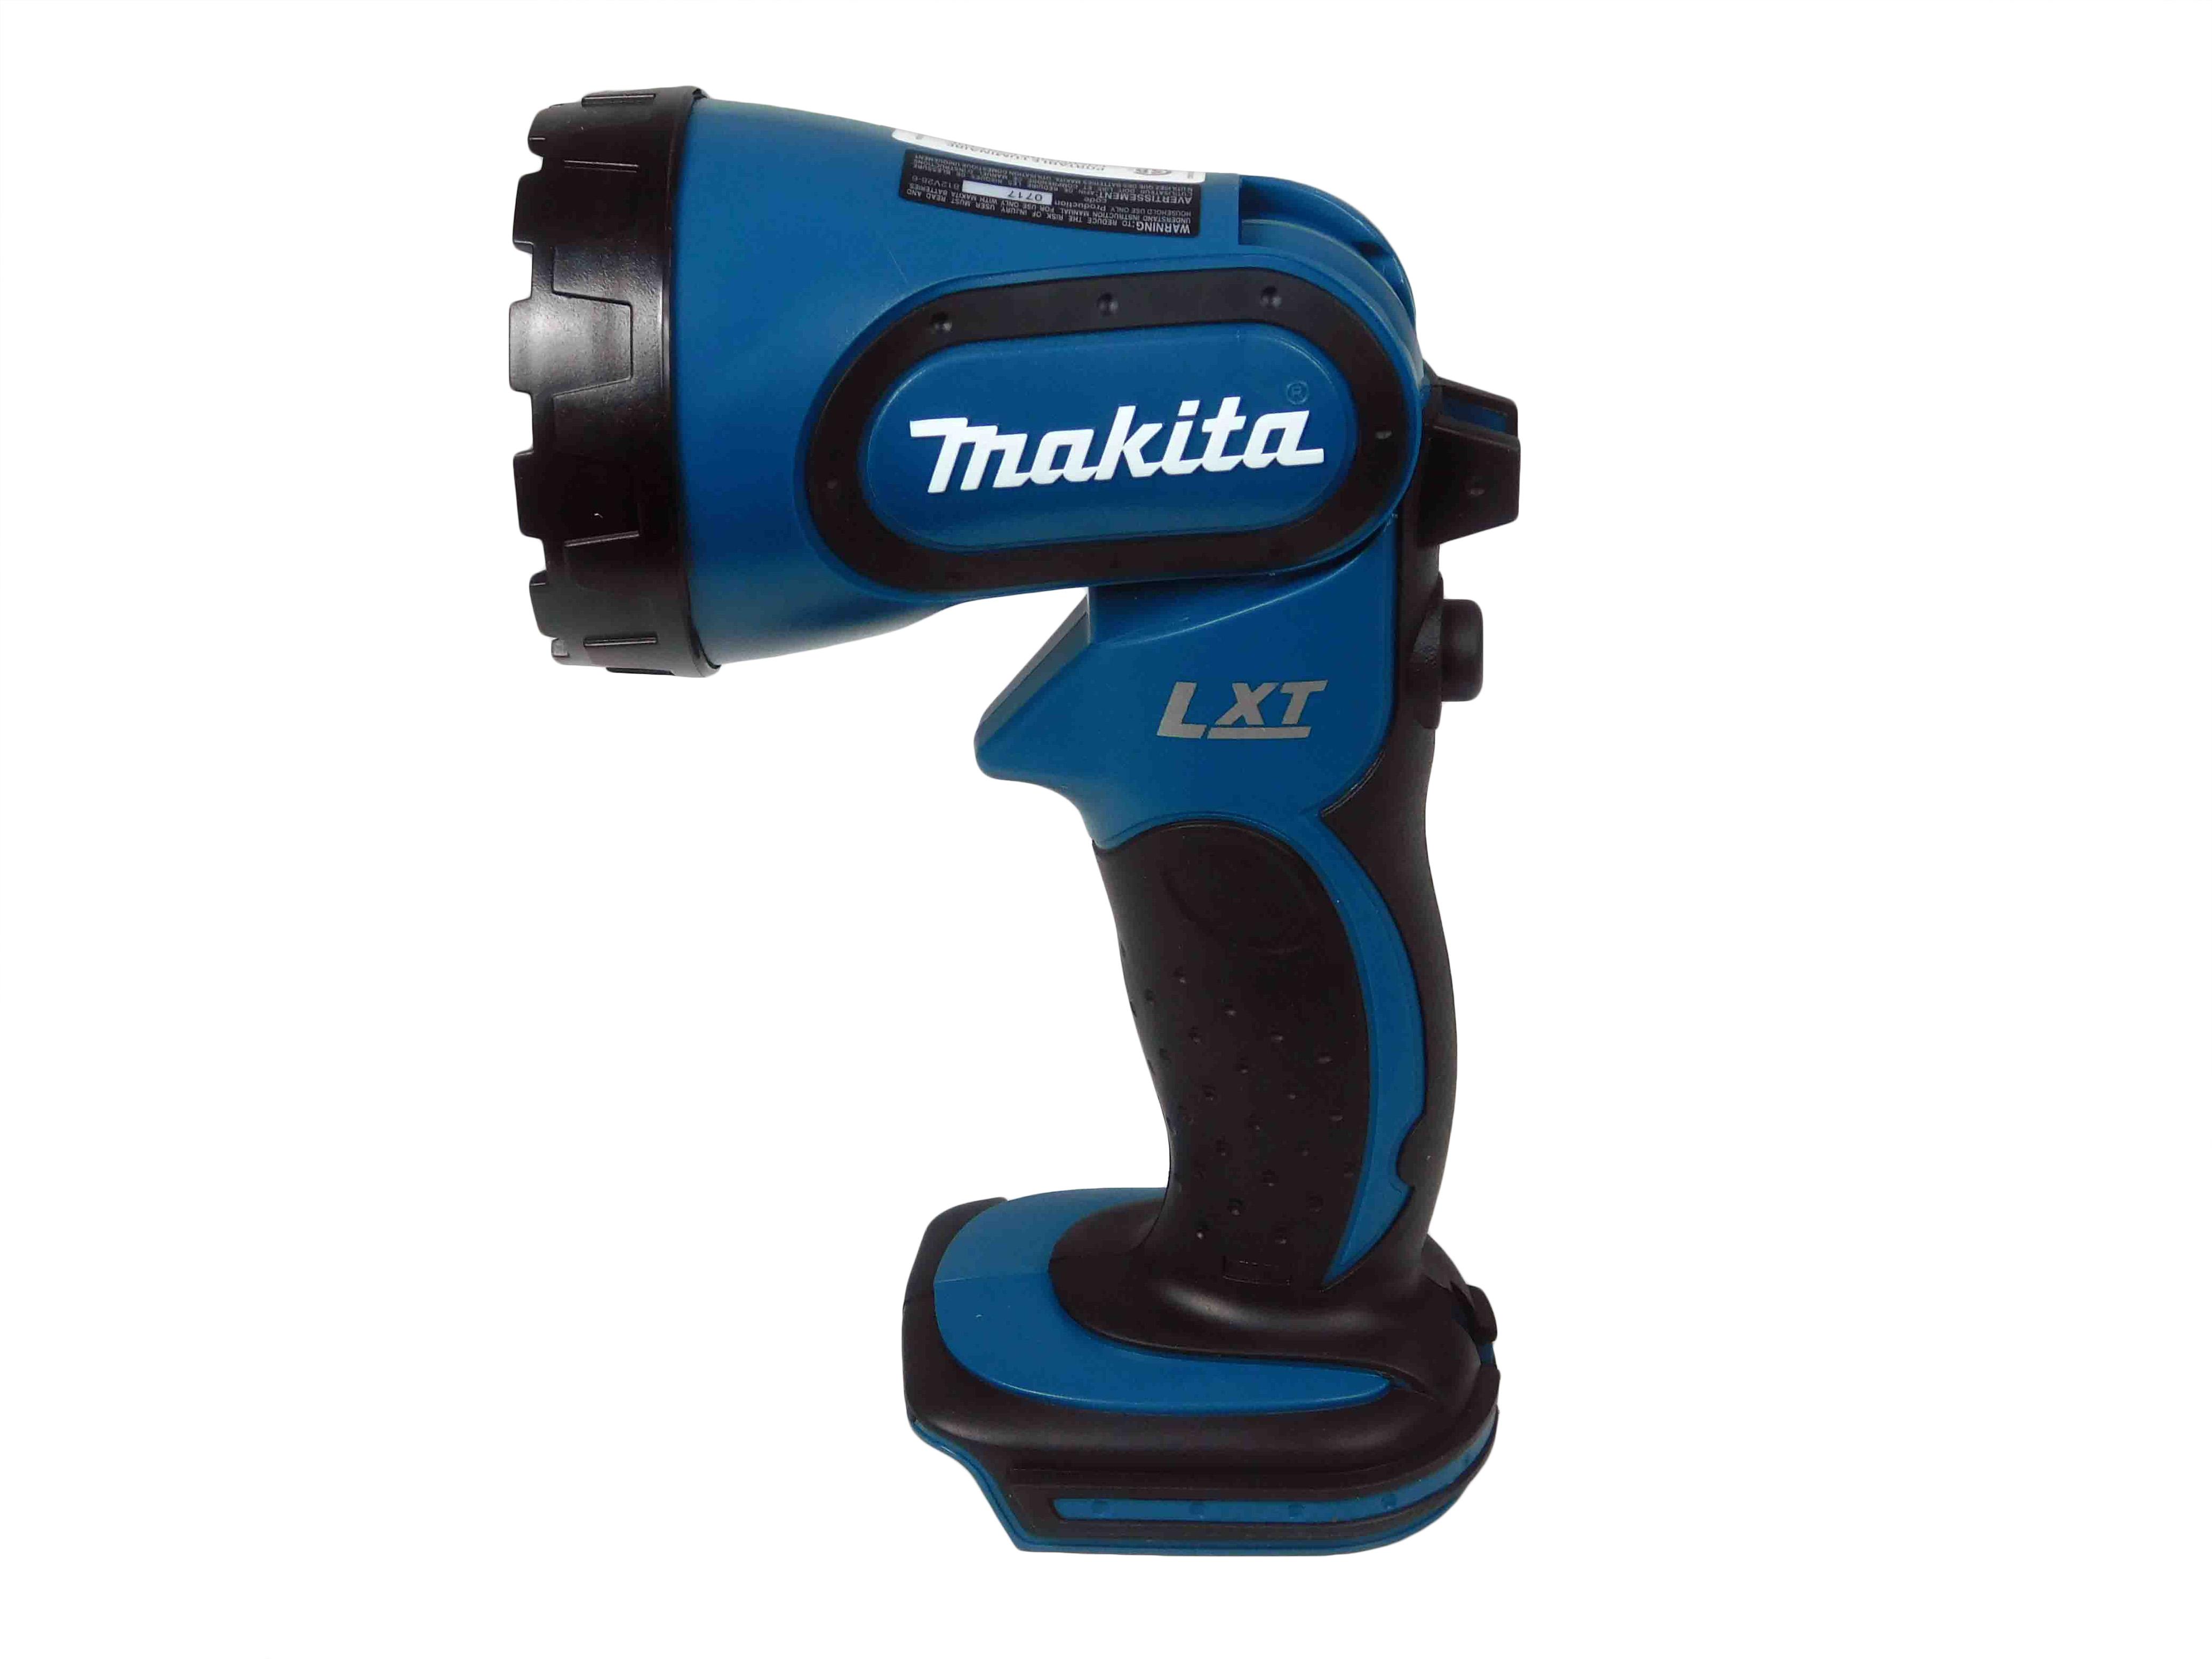 Makita Flashlight $14.99